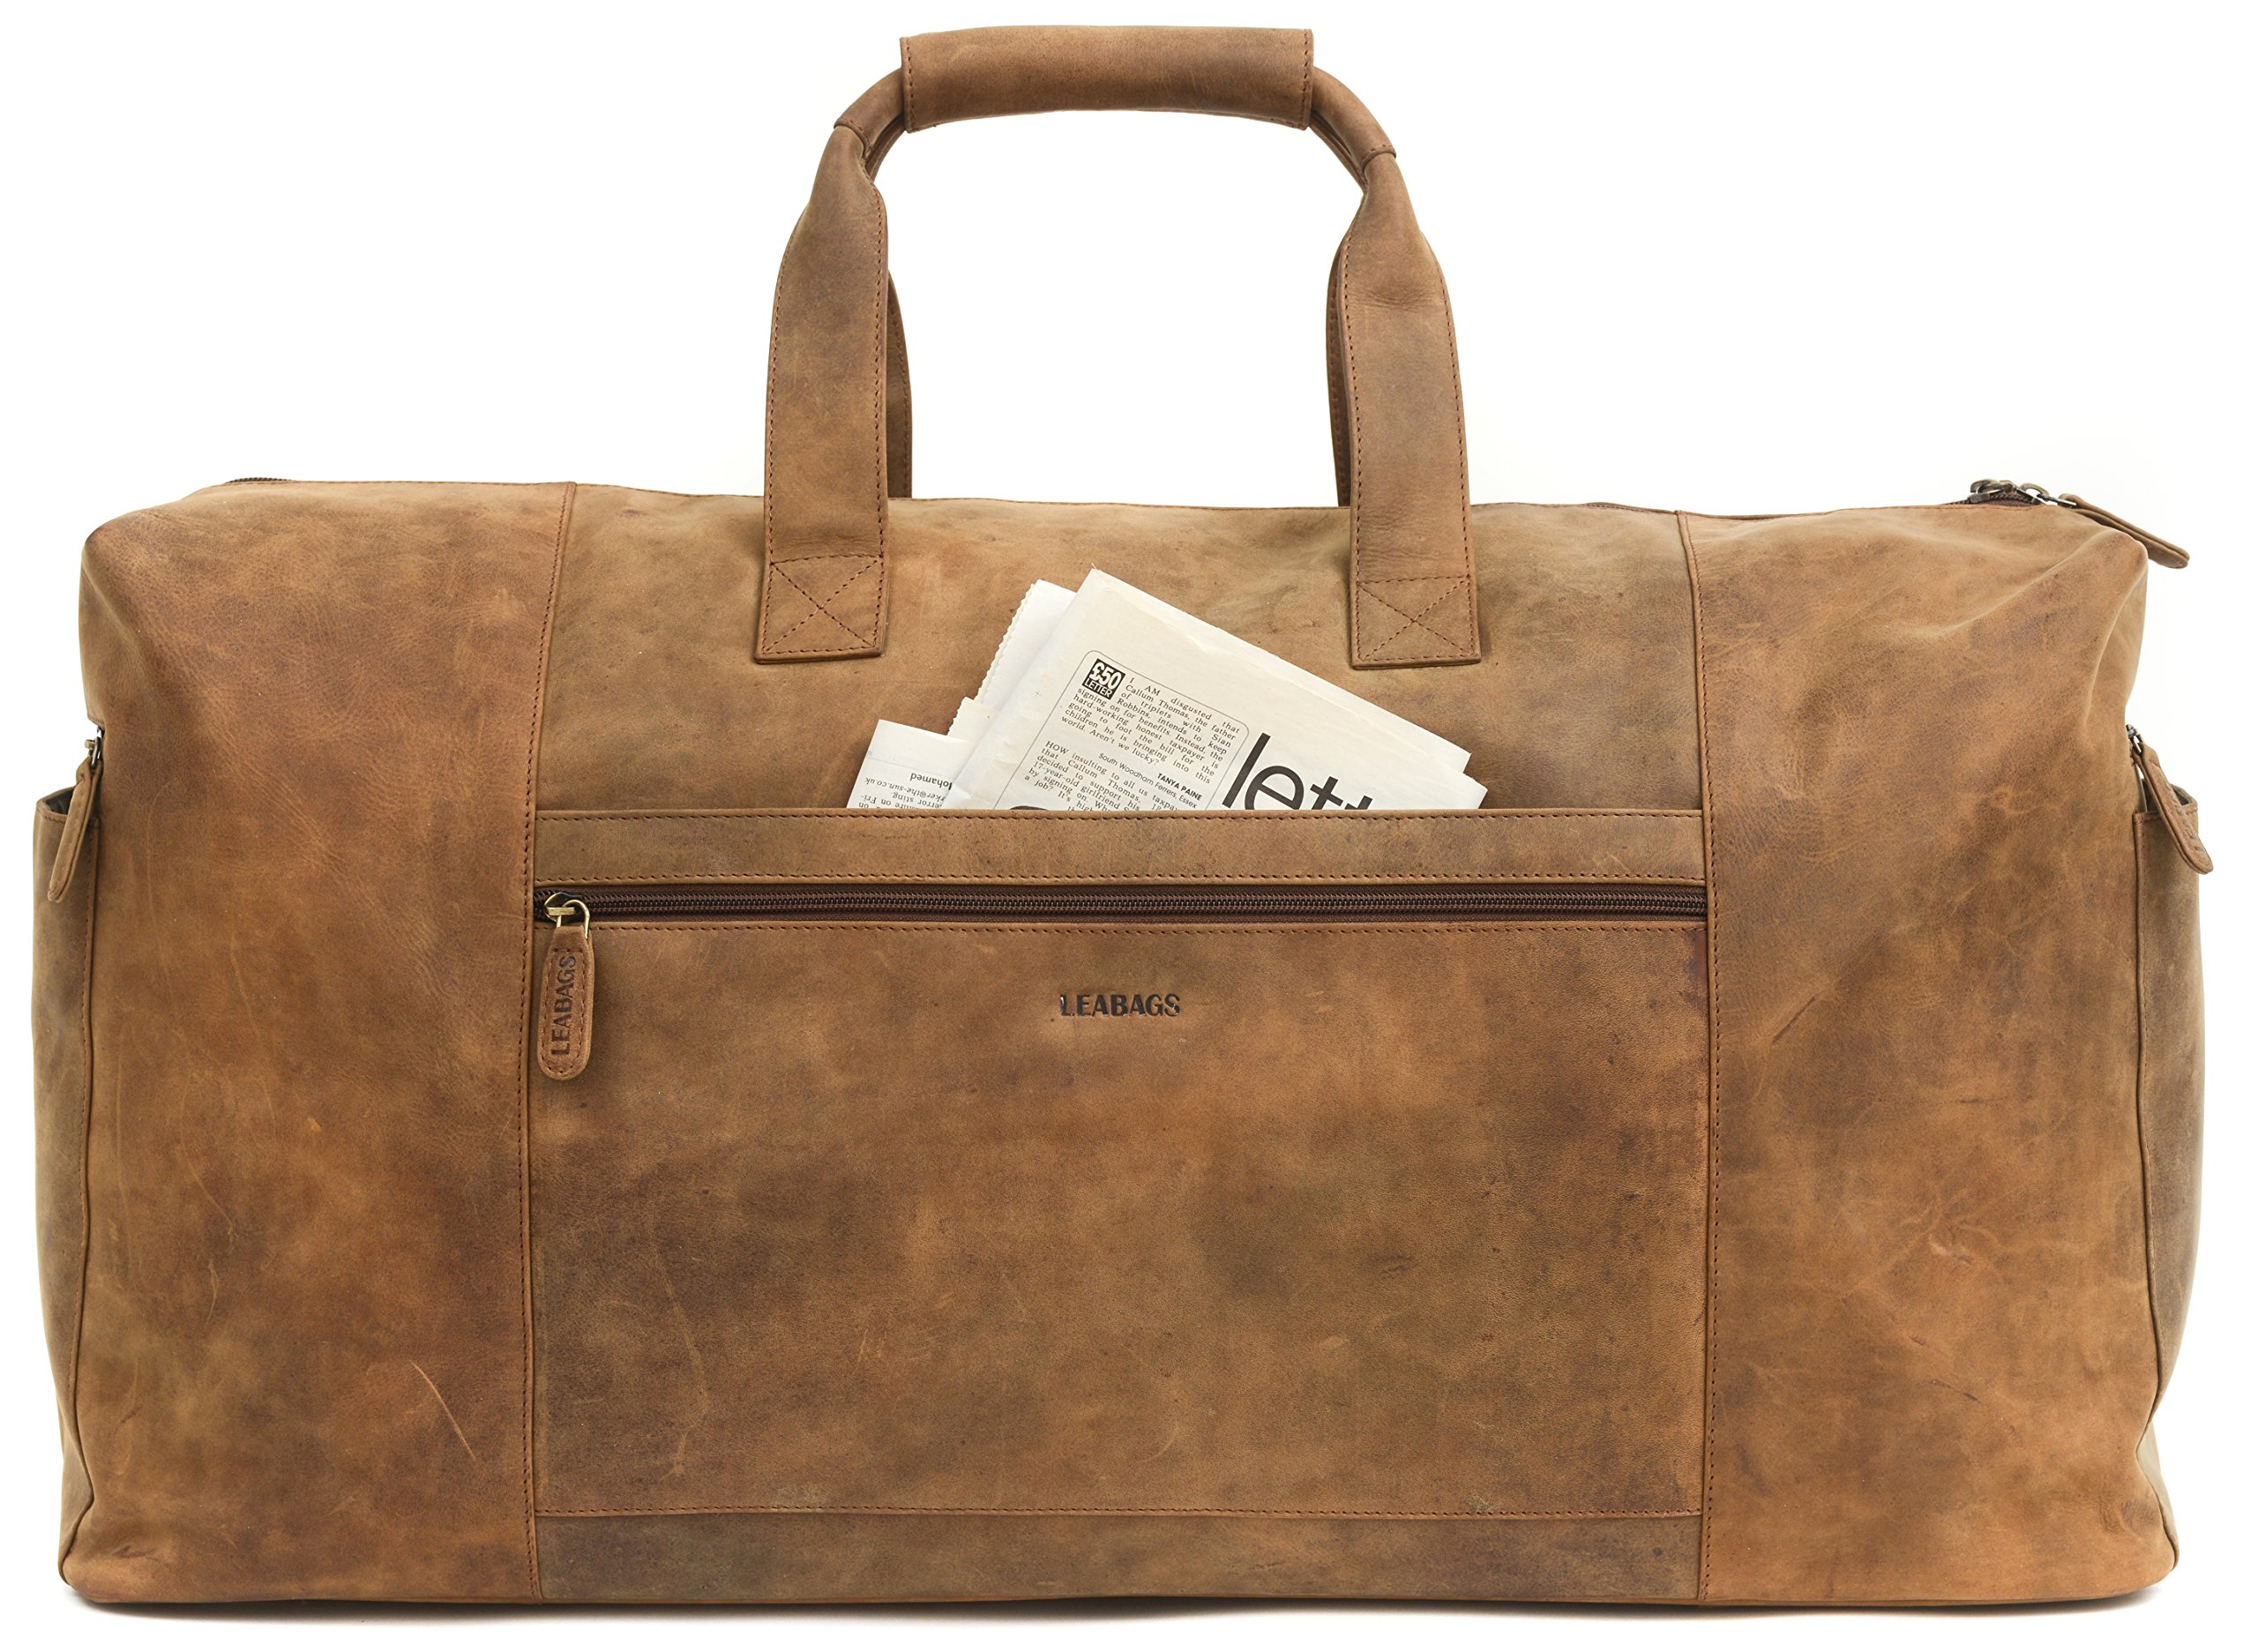 LEABAGS-Sydney-Reisetasche-aus-Echtem-Bffel-Leder-im-Vintage-Look